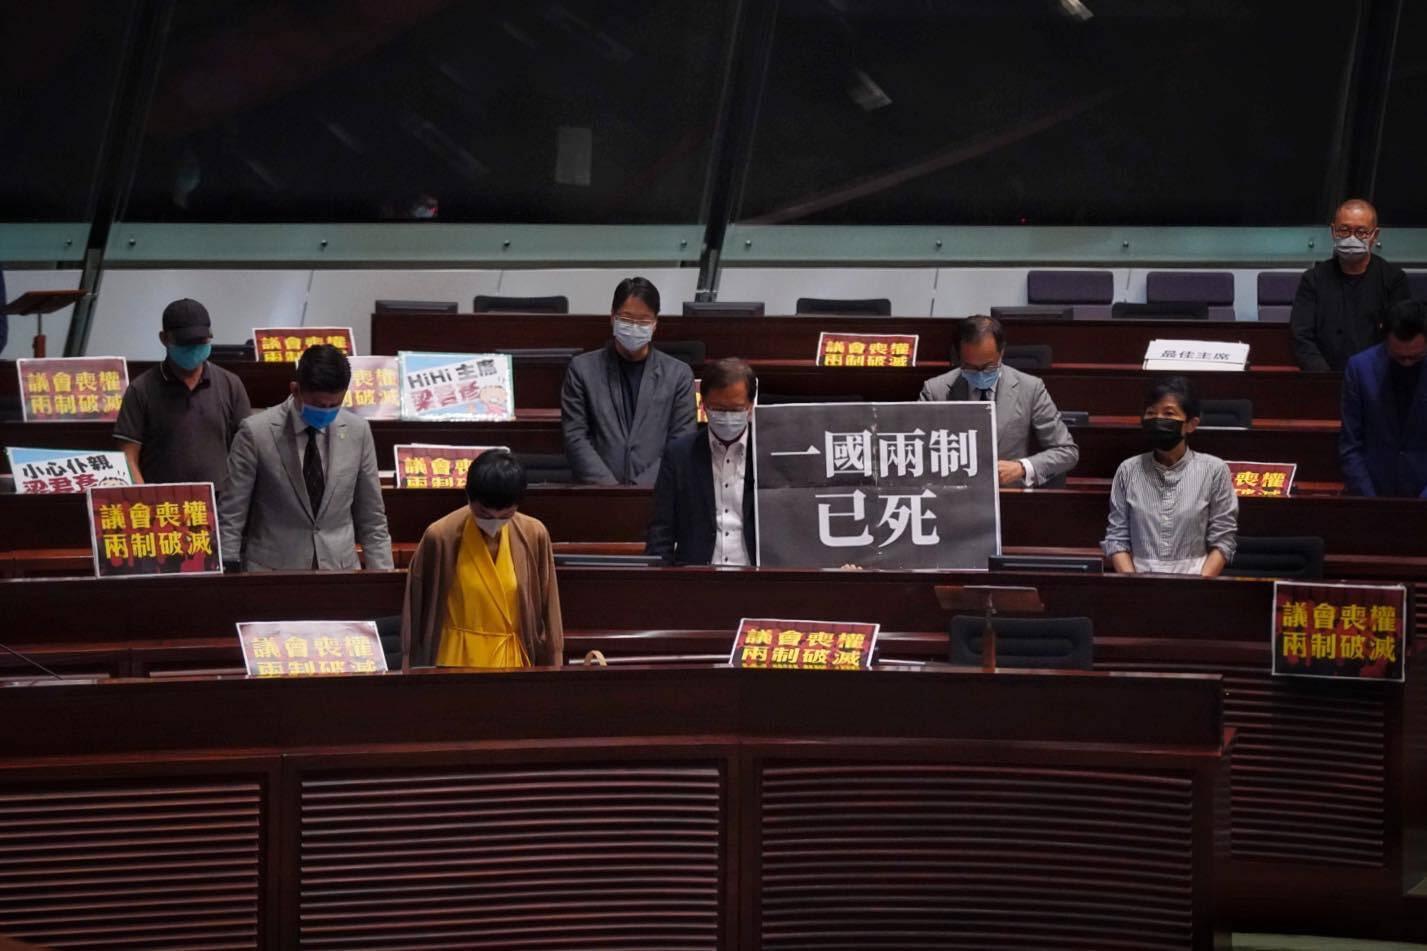 香港《國歌法》草案混亂中三讀通過 違者恐遭監禁3年